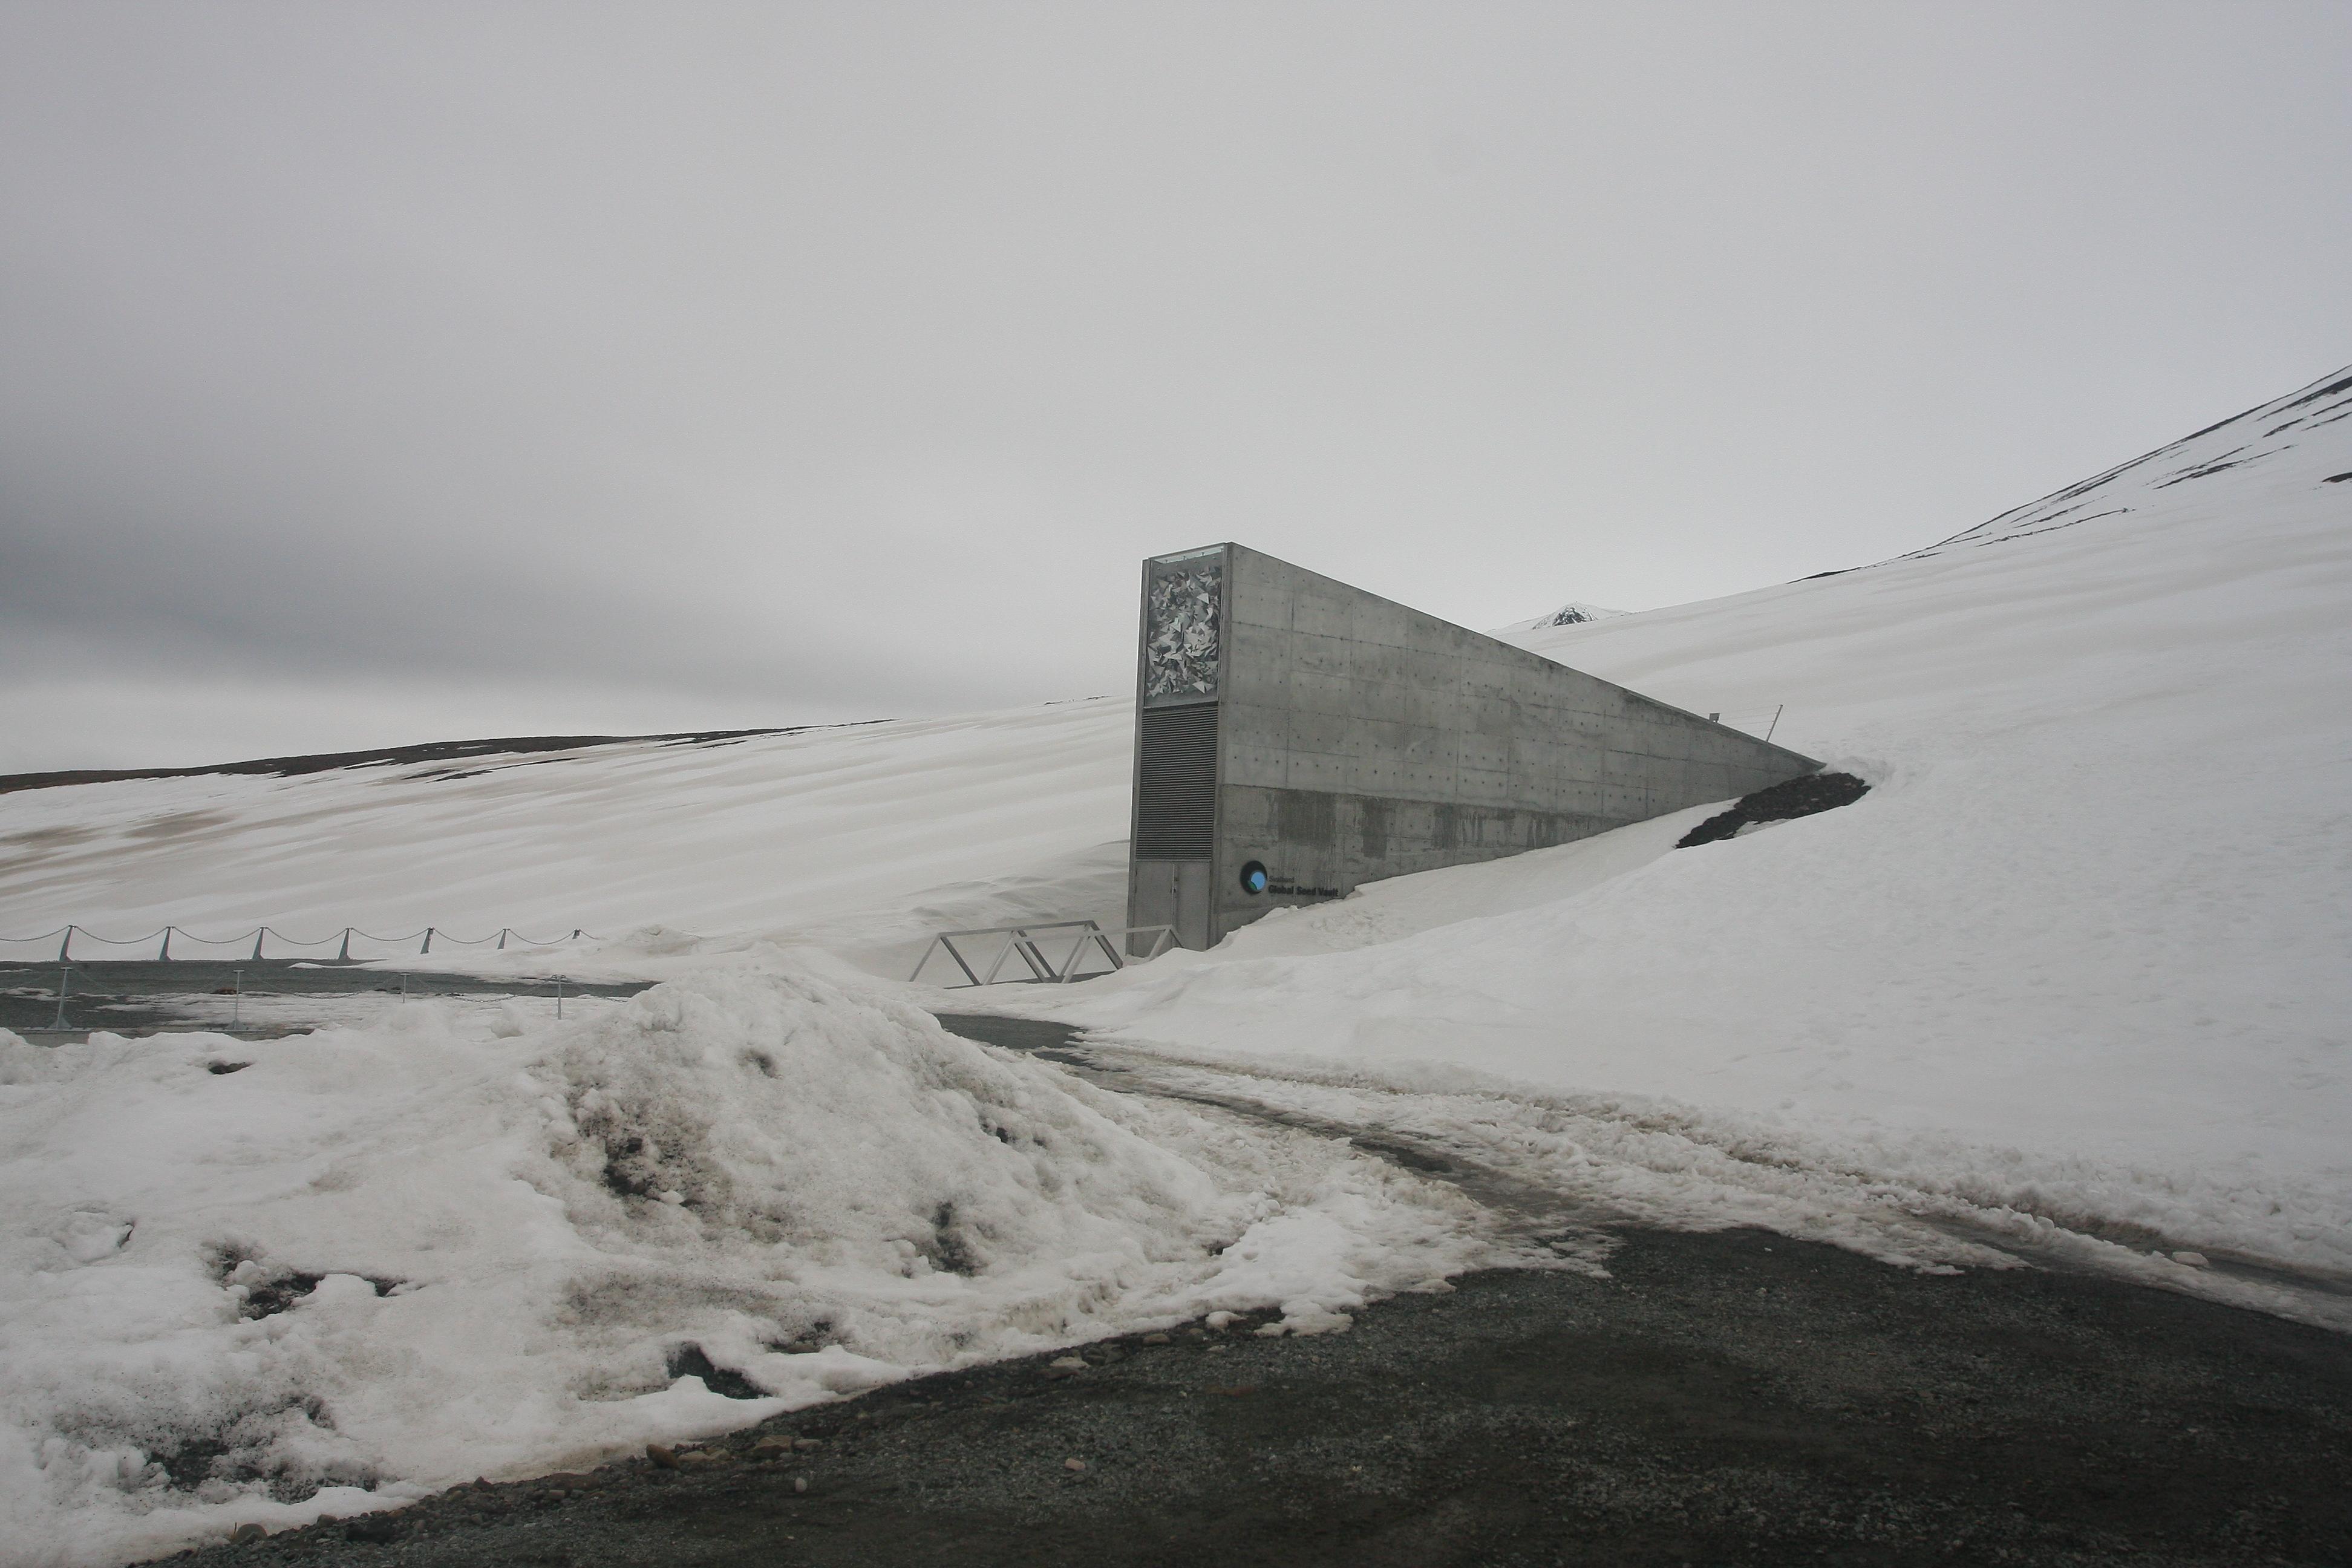 Svalbard Global Seed Vault, 2013